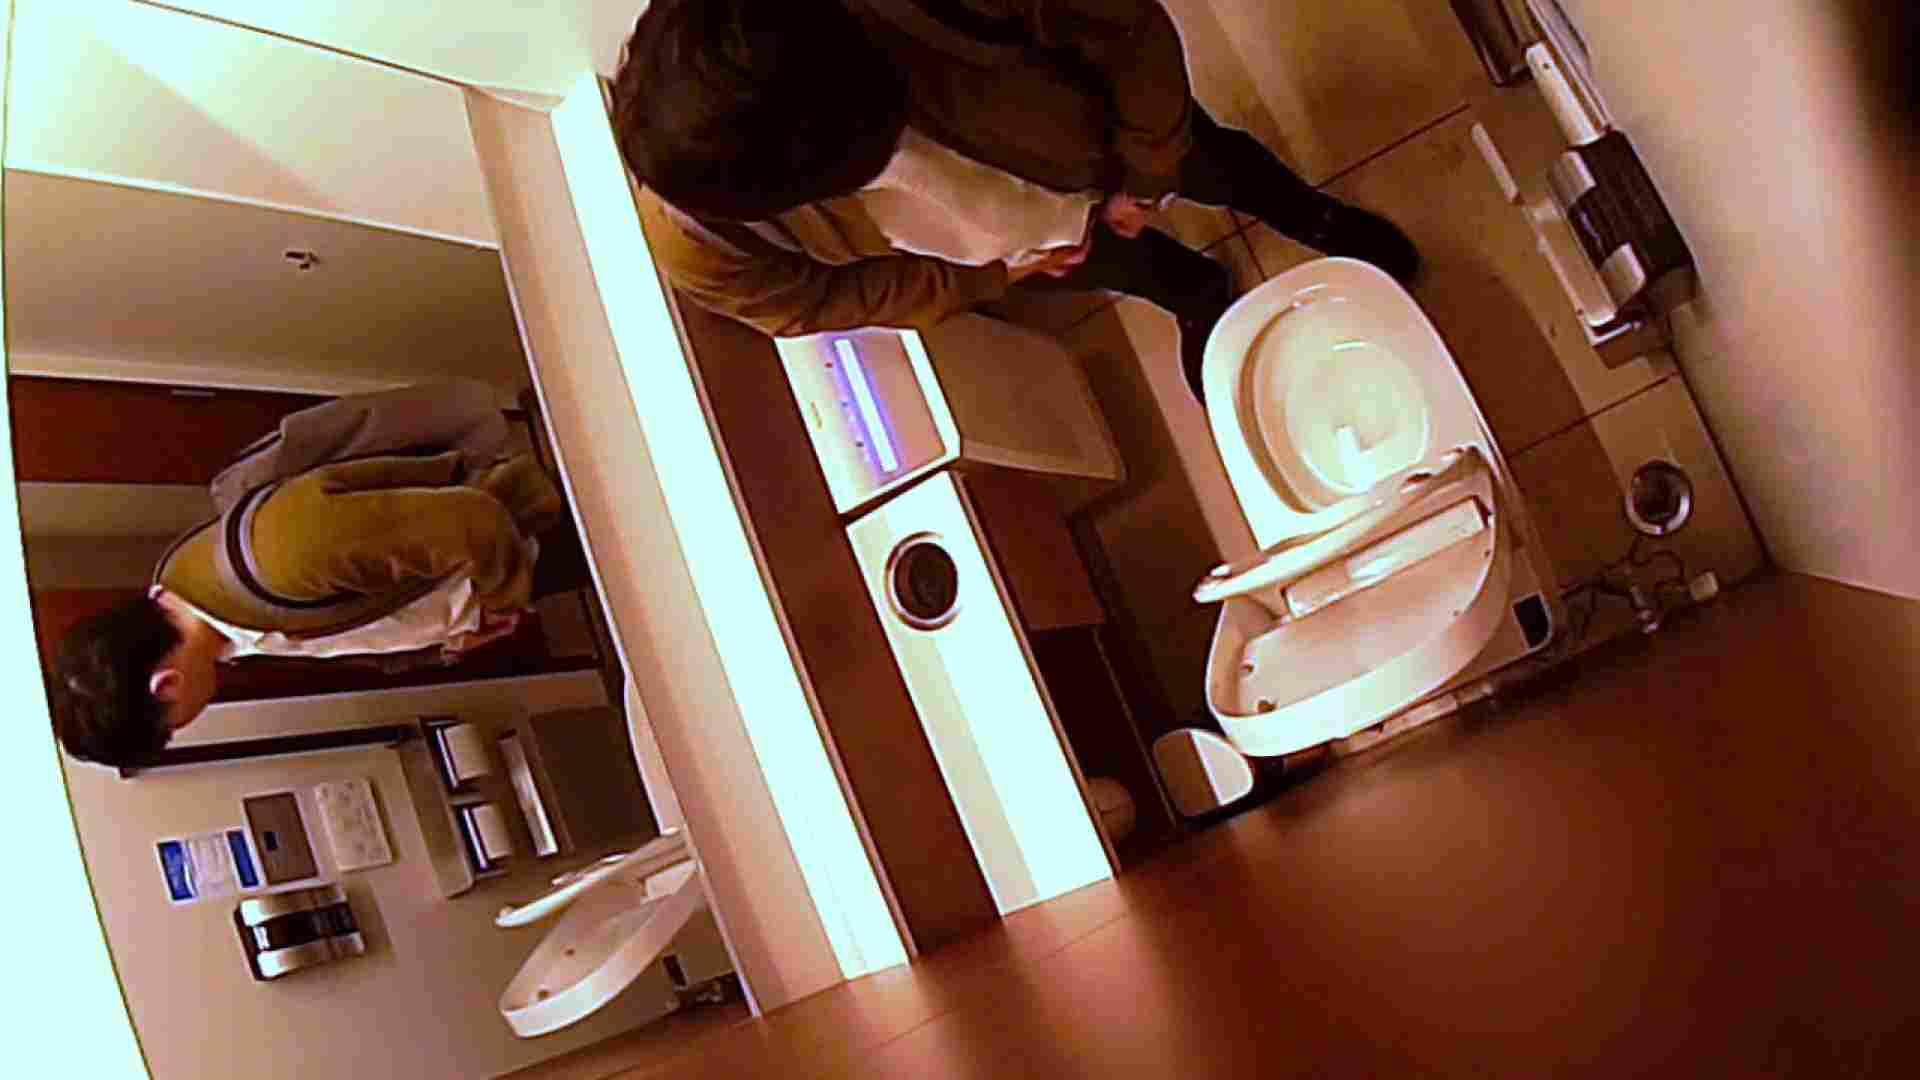 すみませんが覗かせてください Vol.30 トイレ | 0  100連発 33